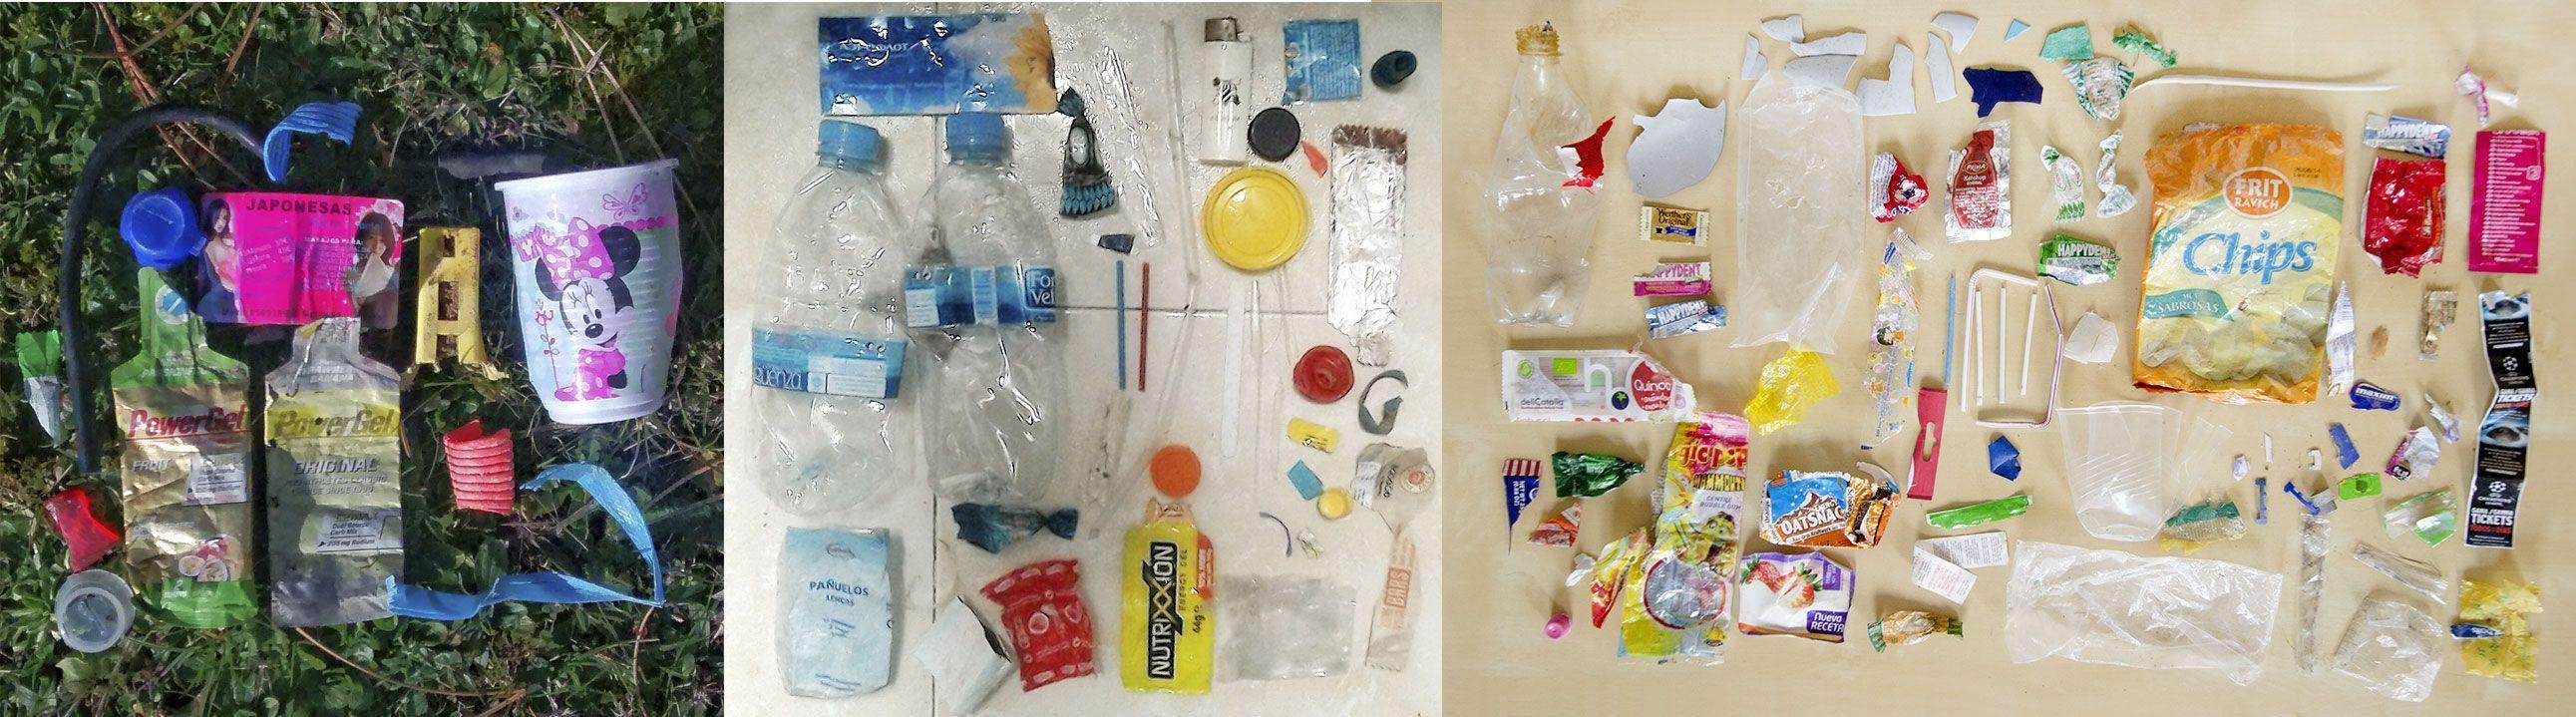 Plásticos recogidos en enero 2016